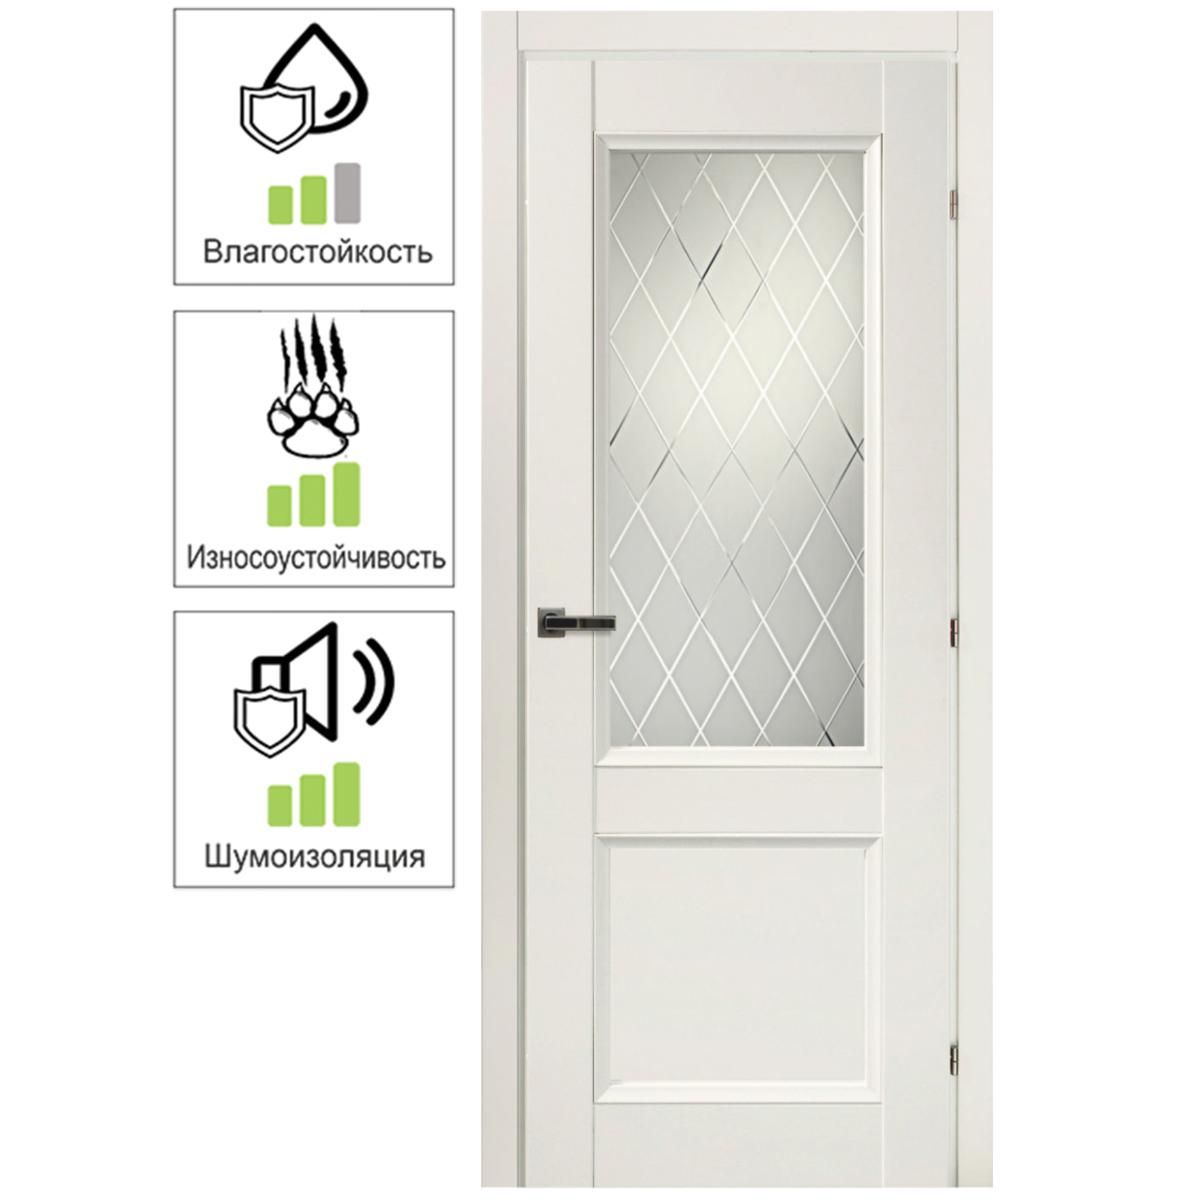 Дверь межкомнатная остеклённая Танганика 70х200 см CPL цвет белый с фурнитурой